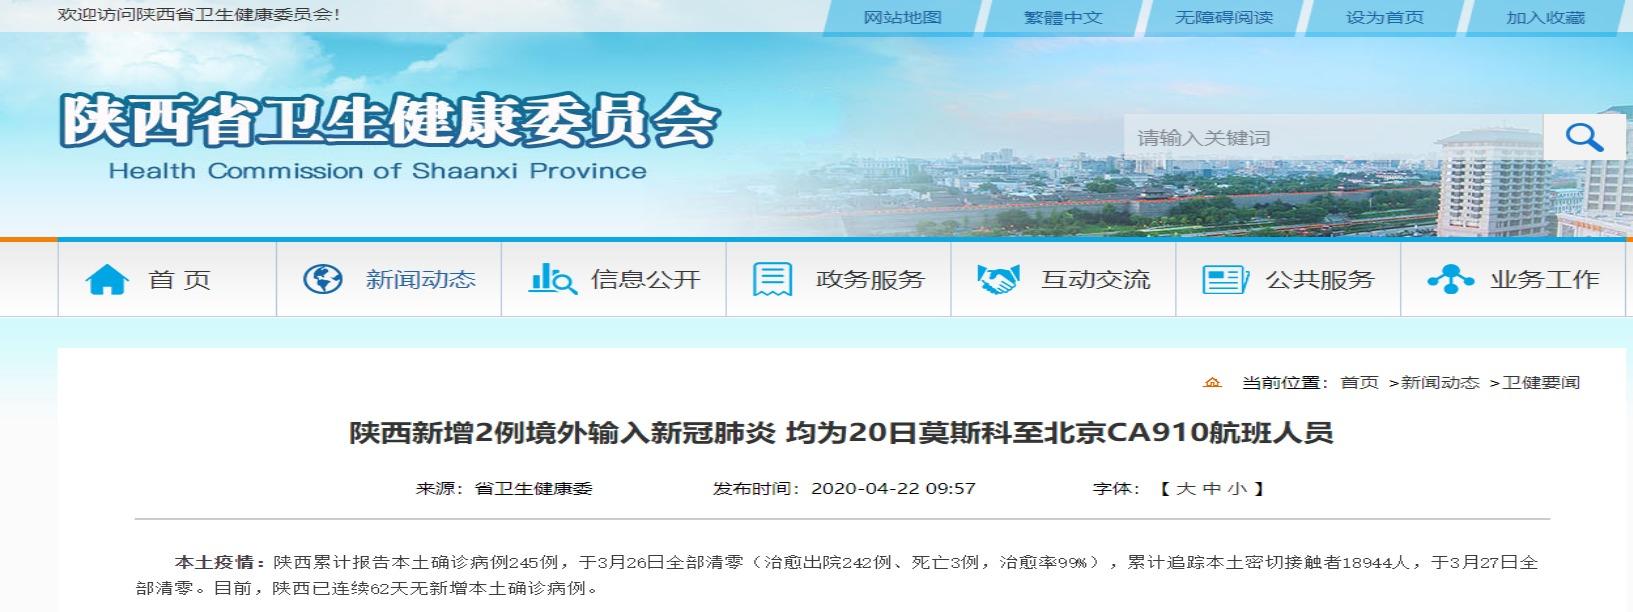 陕西新增2例境外输入确诊病例 均为20日莫斯科至北京CA910航班人员